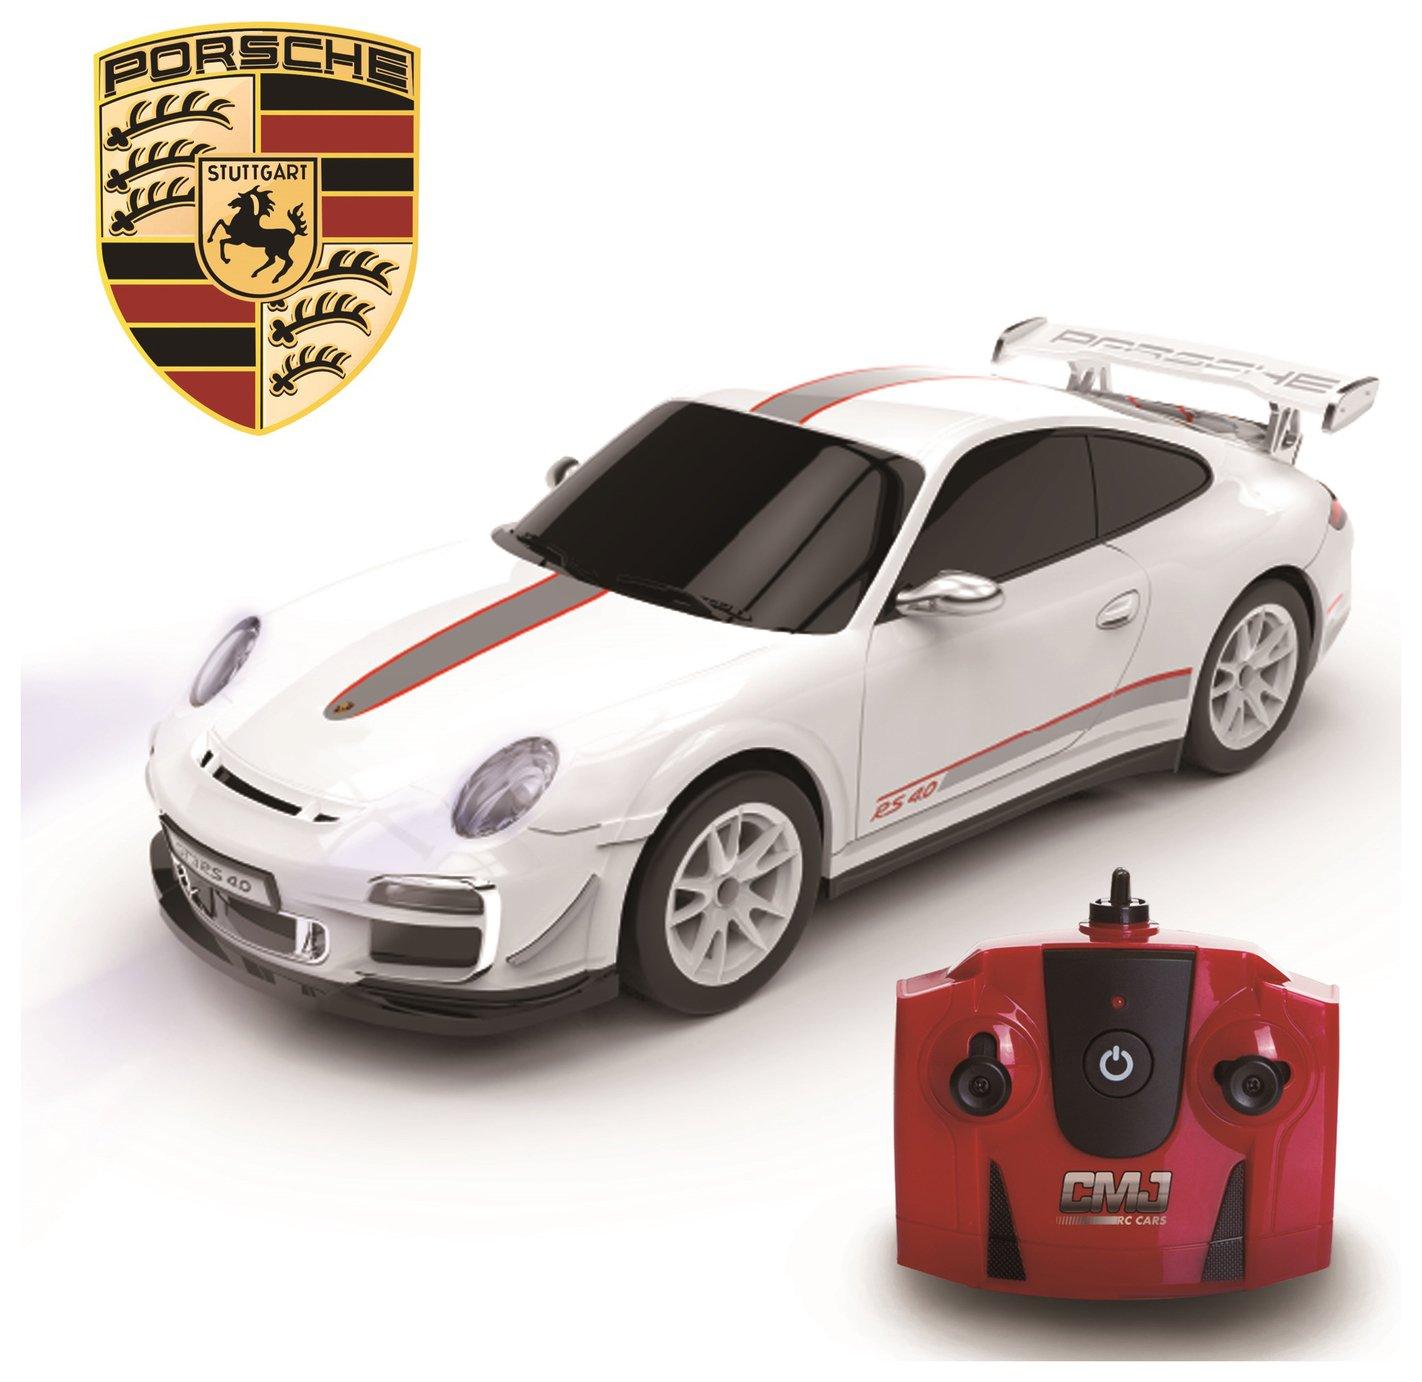 Porsche 911 Remote Control Car 1:24 White 2.4Ghz